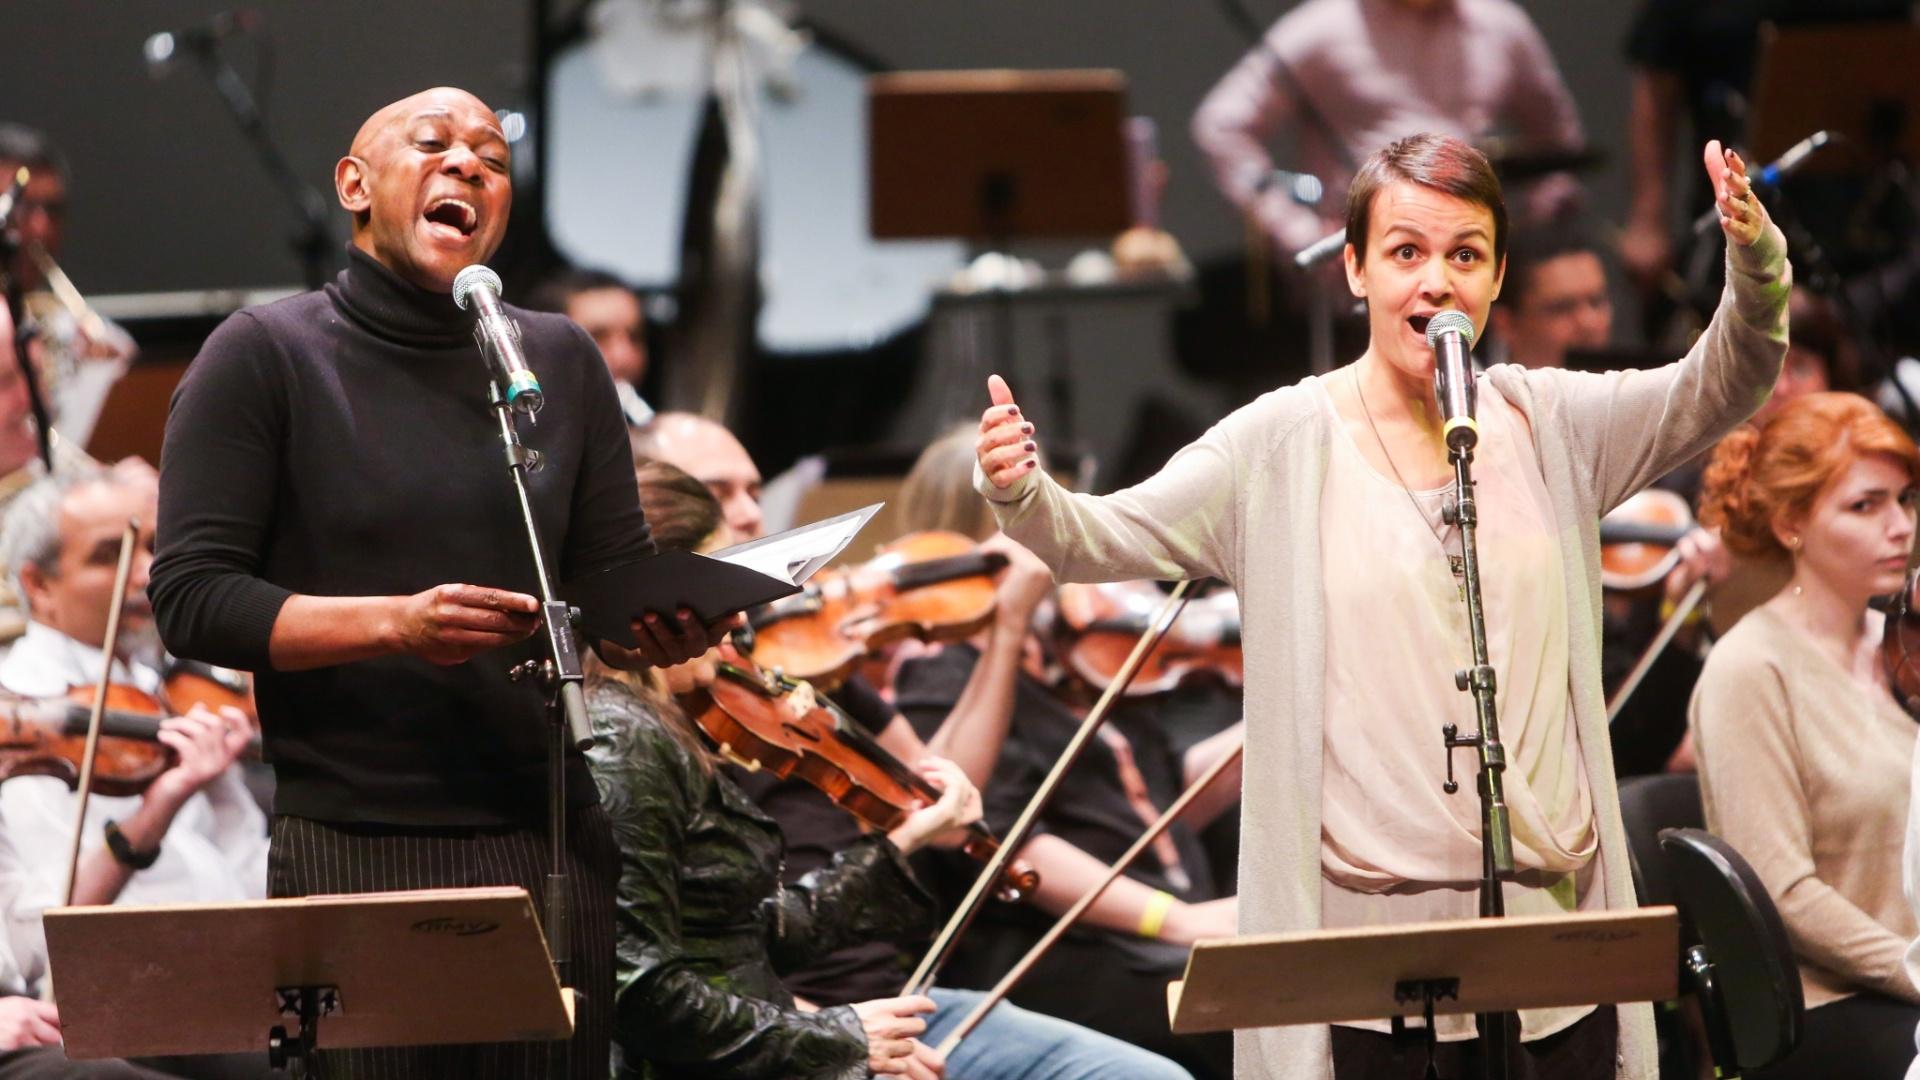 Dois solistas irão interpretar as canções: Edson Montenegro e Juliana Amaral